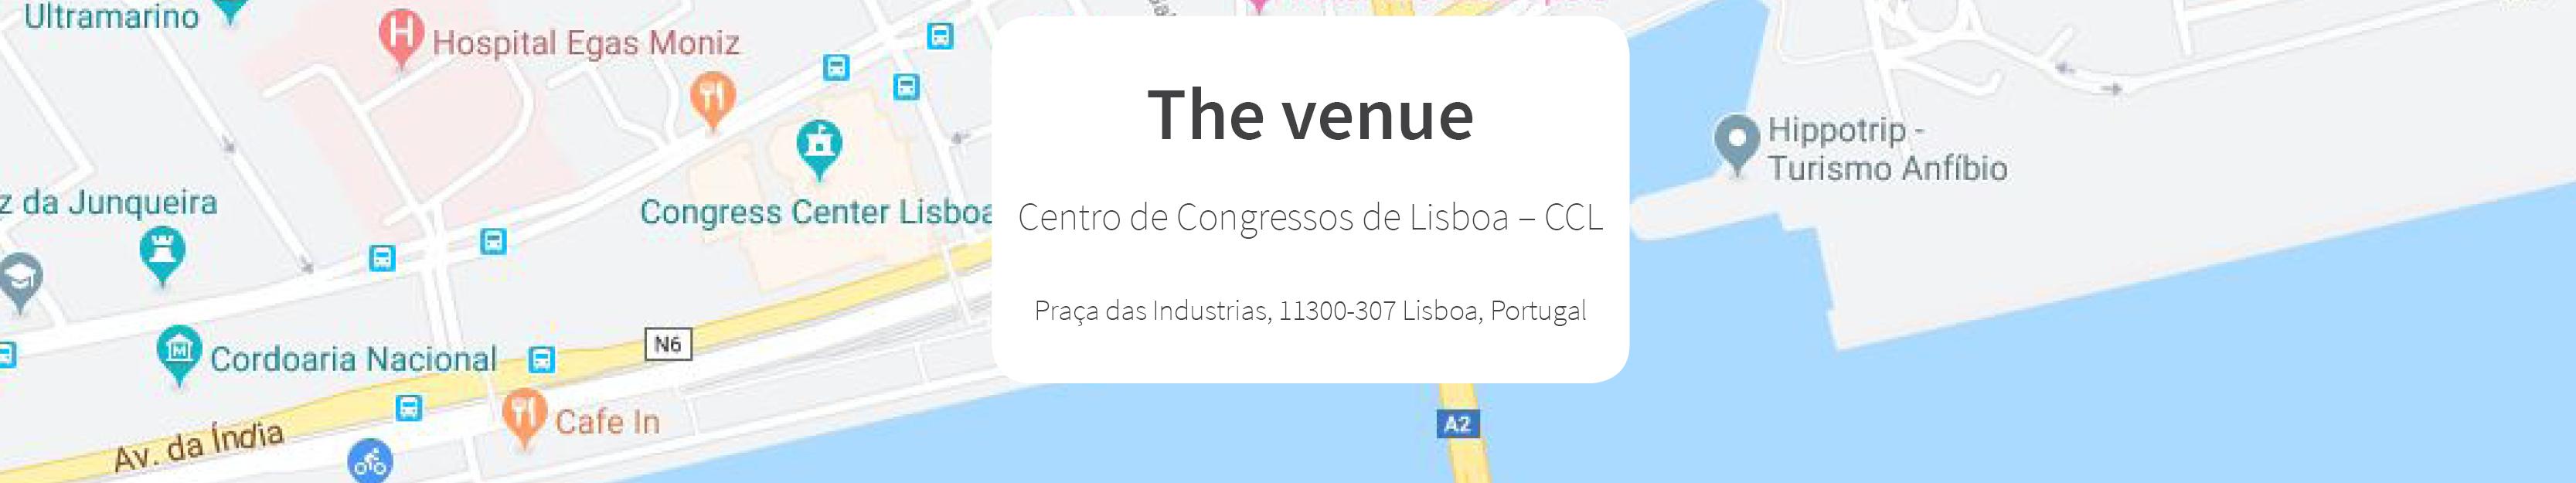 The venue Osstell Scientific Symposium EAO 2019